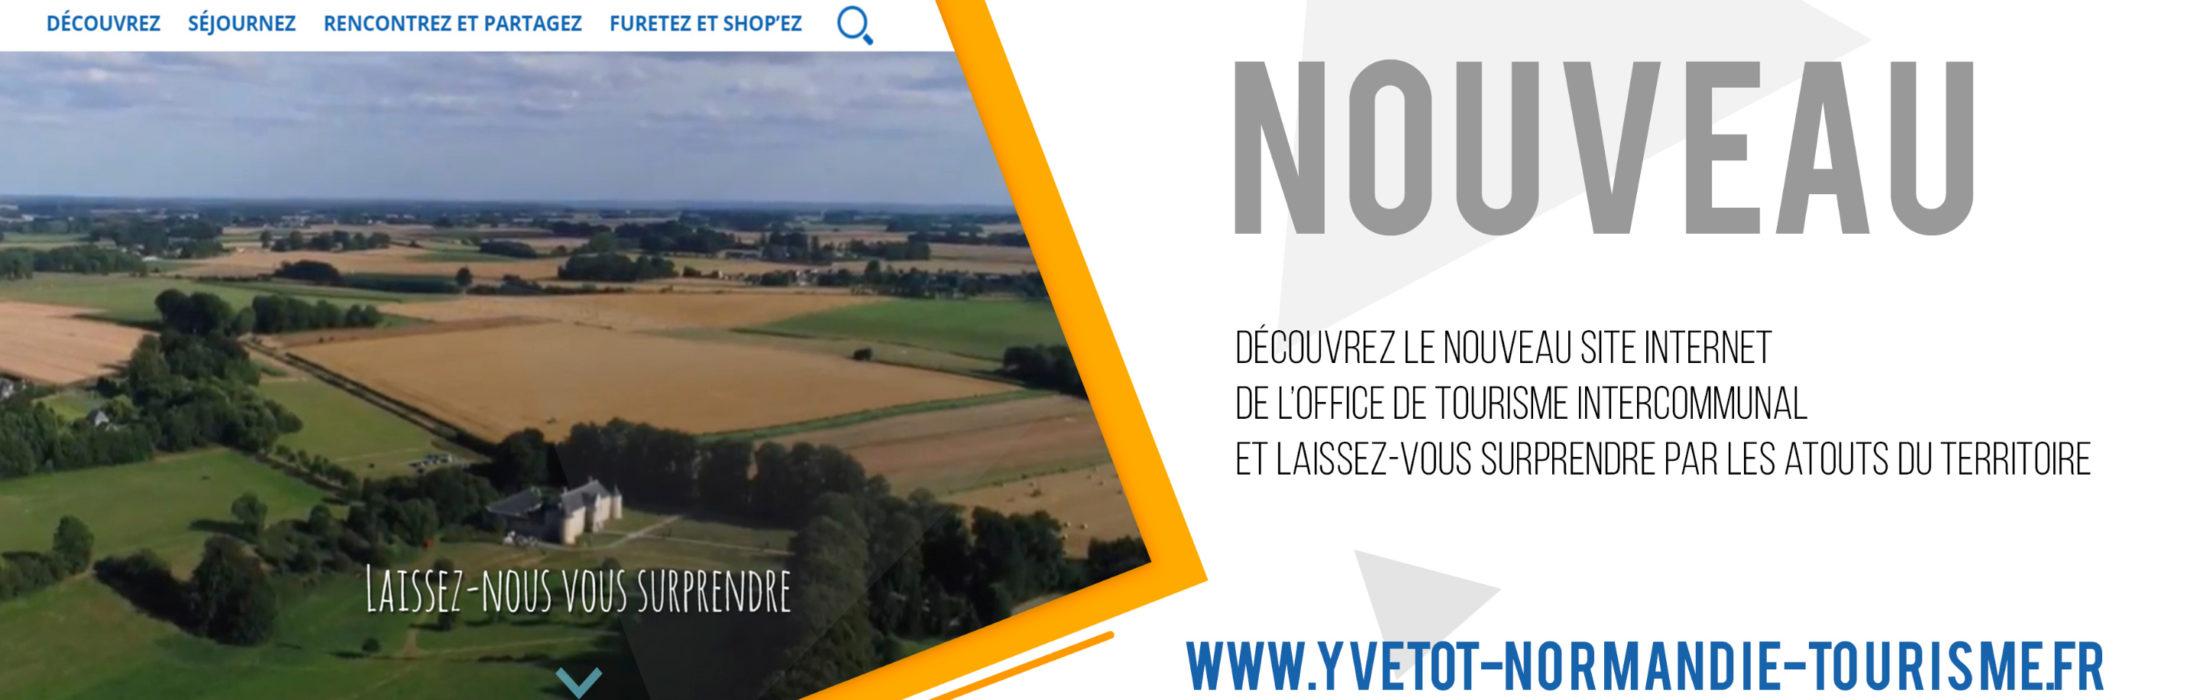 Un nouveau site web pour l'Office de Tourisme ntercommunal